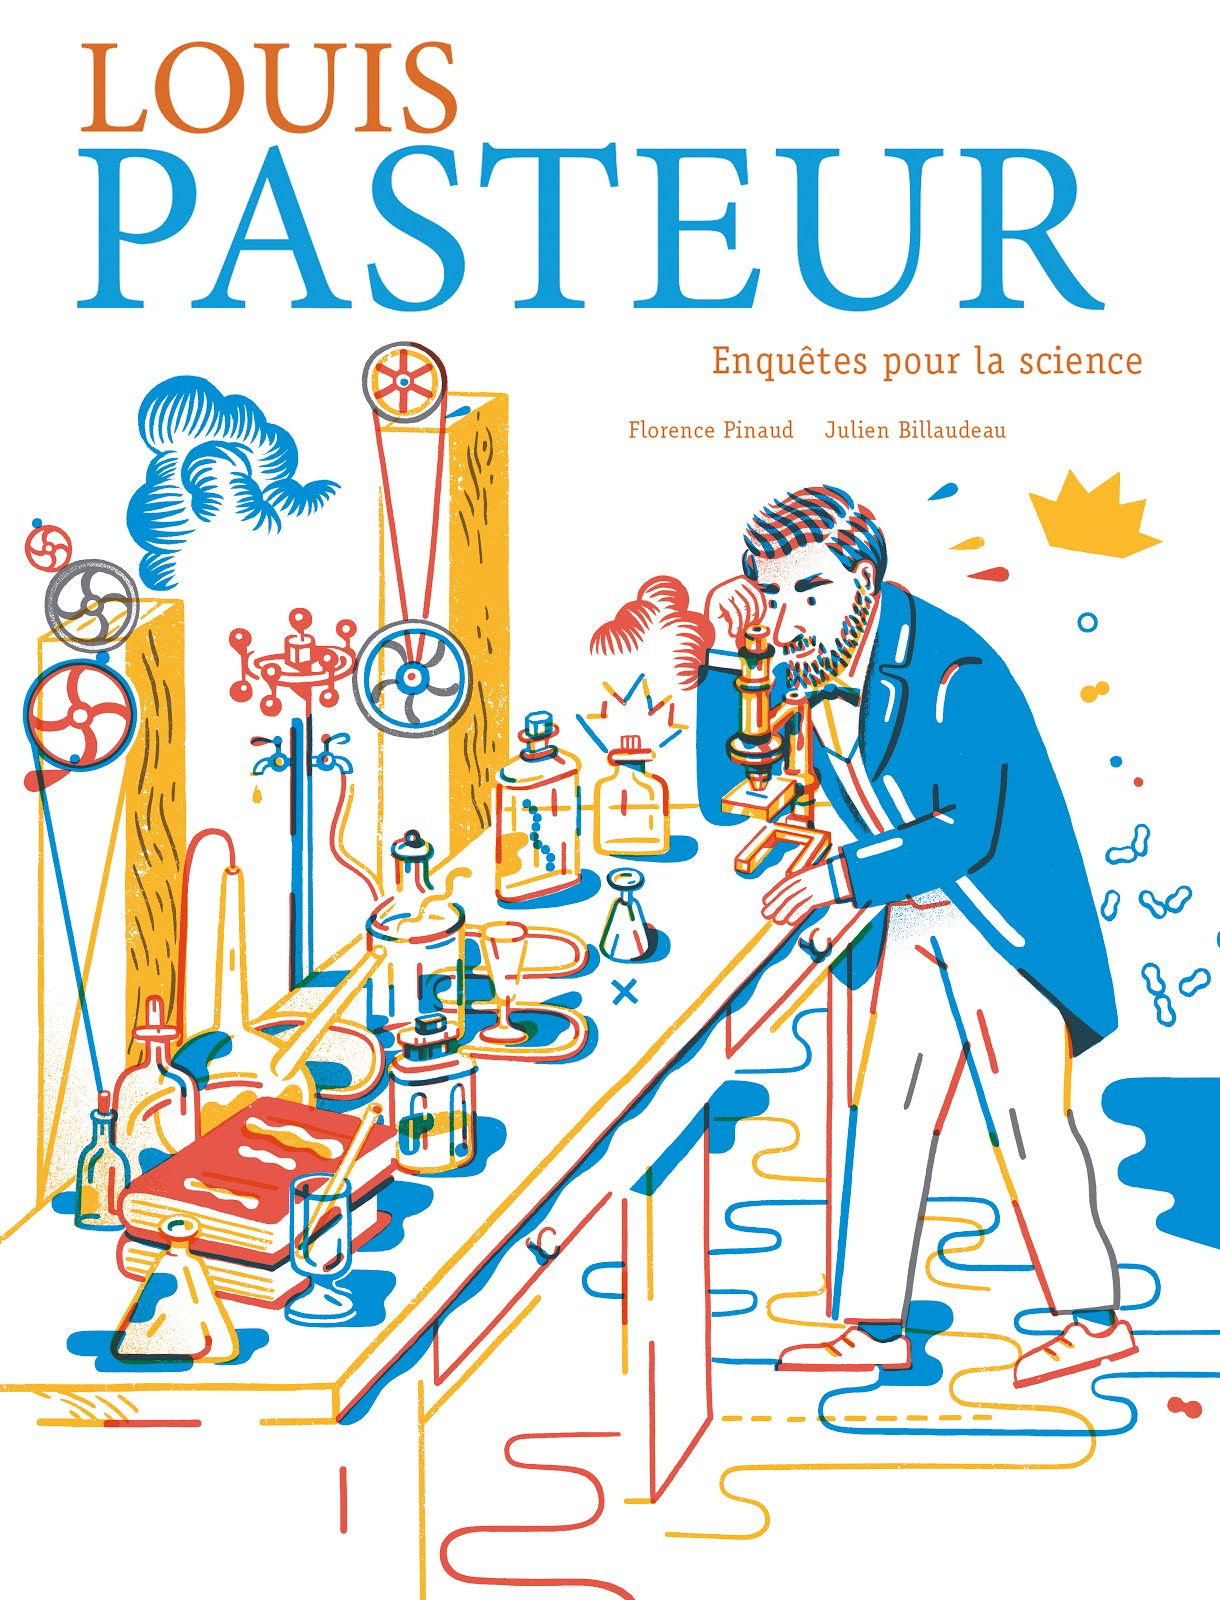 LOUIS PASTEUR ENQUÊTES POUR LA SCIENCE